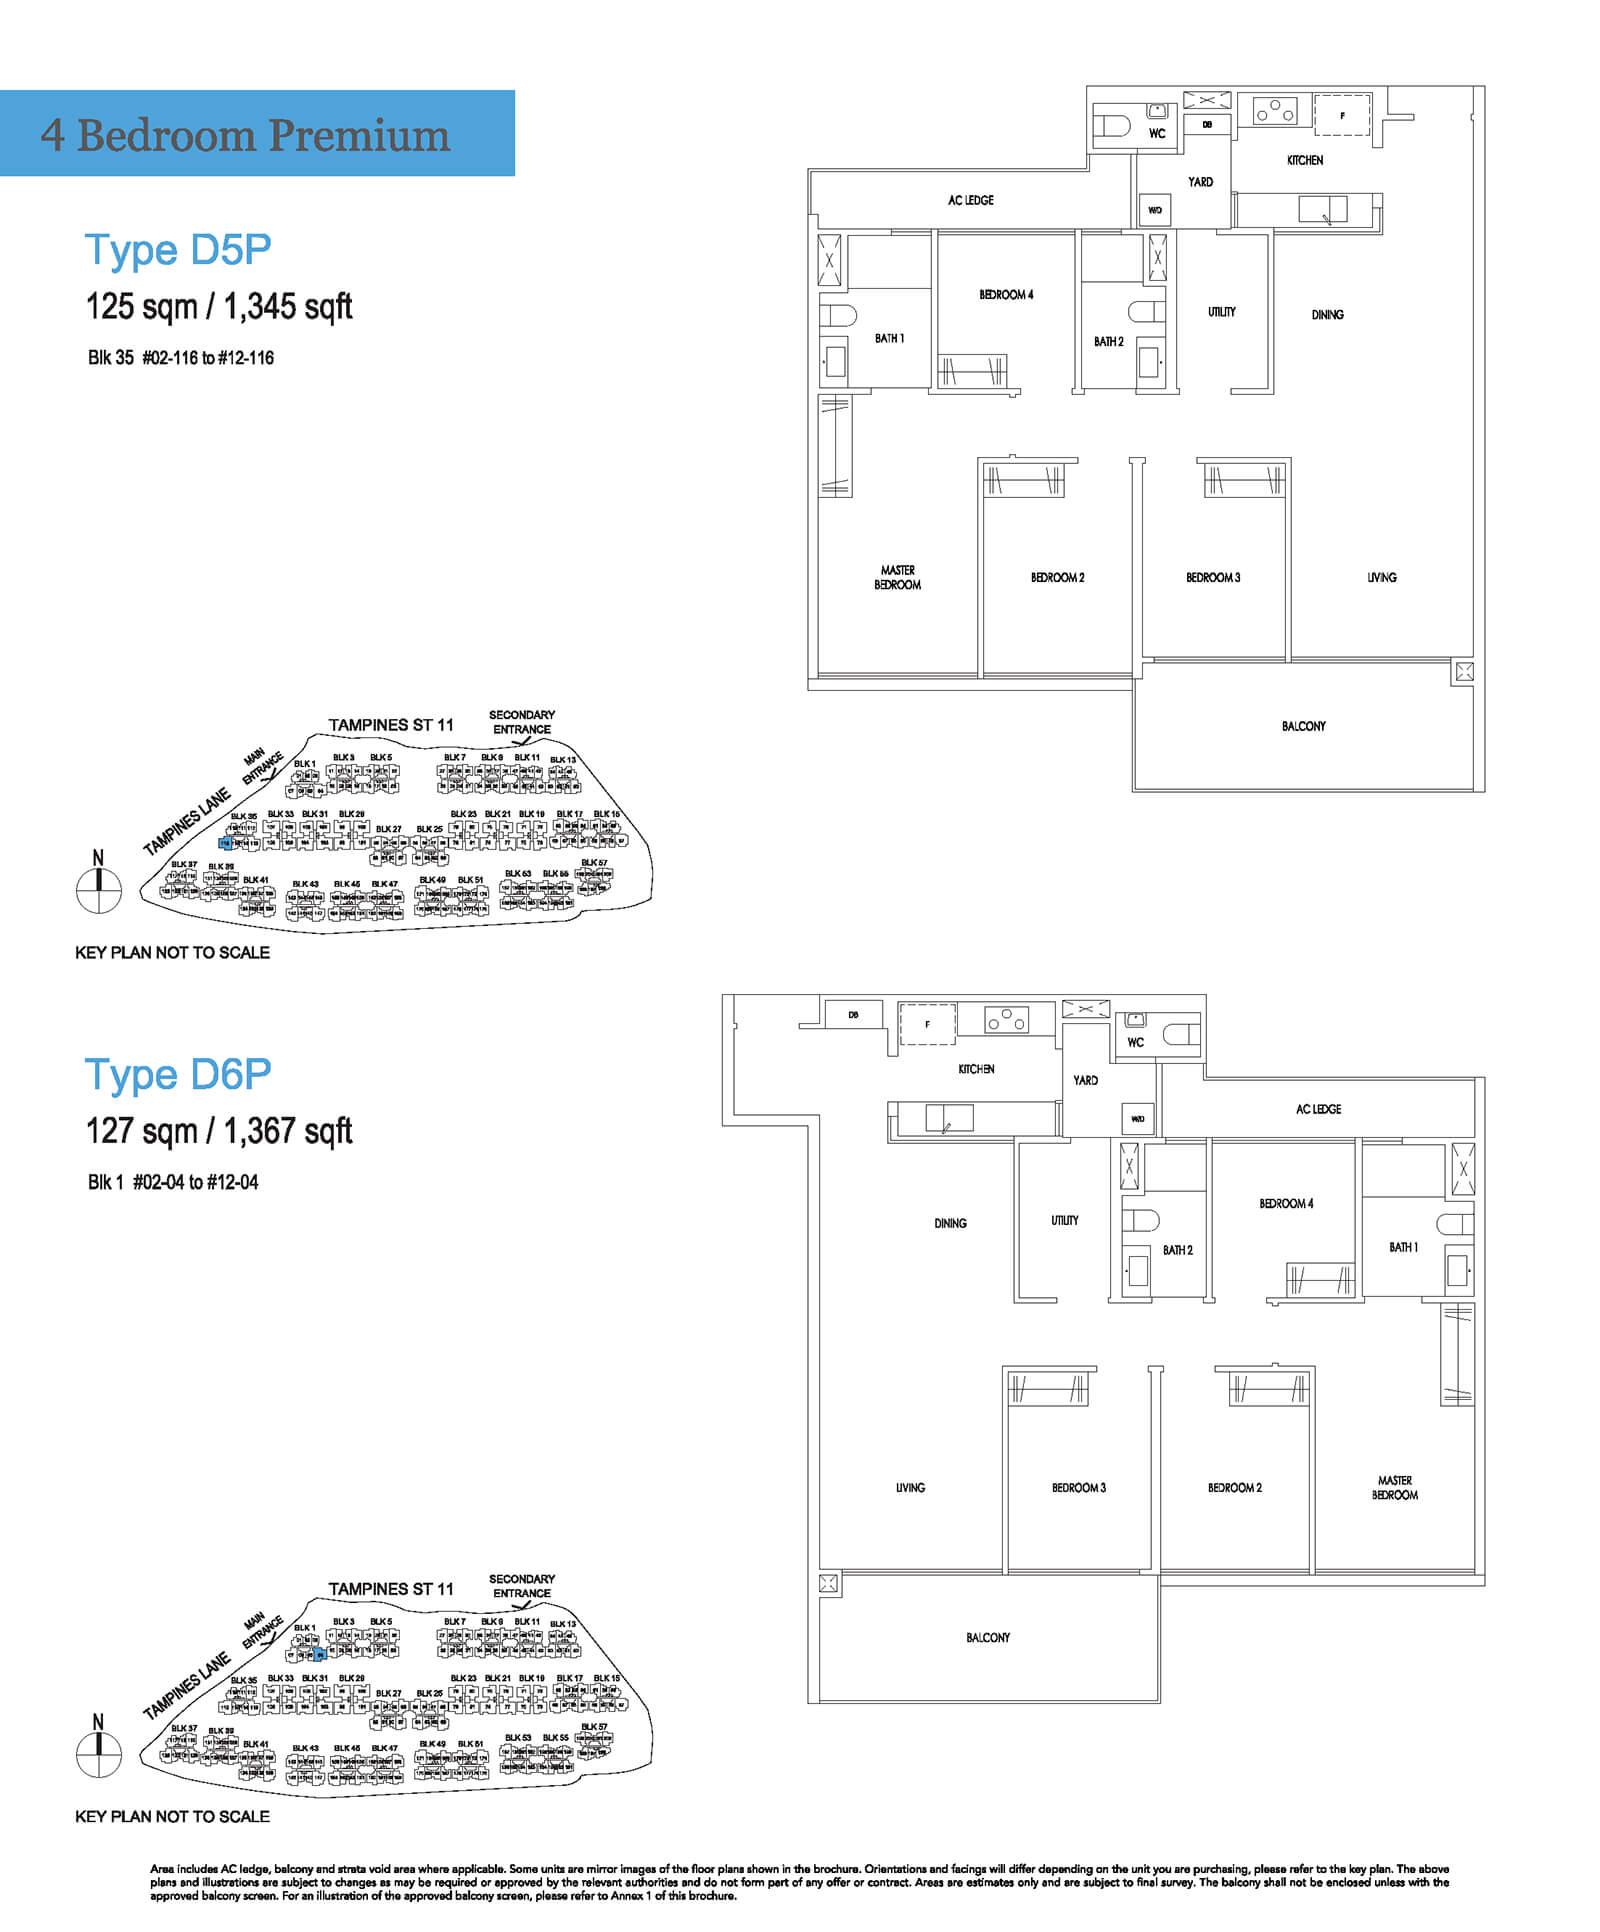 Treasure At Tampines Floor Plan 4-Bedroom Premium D5P D6P